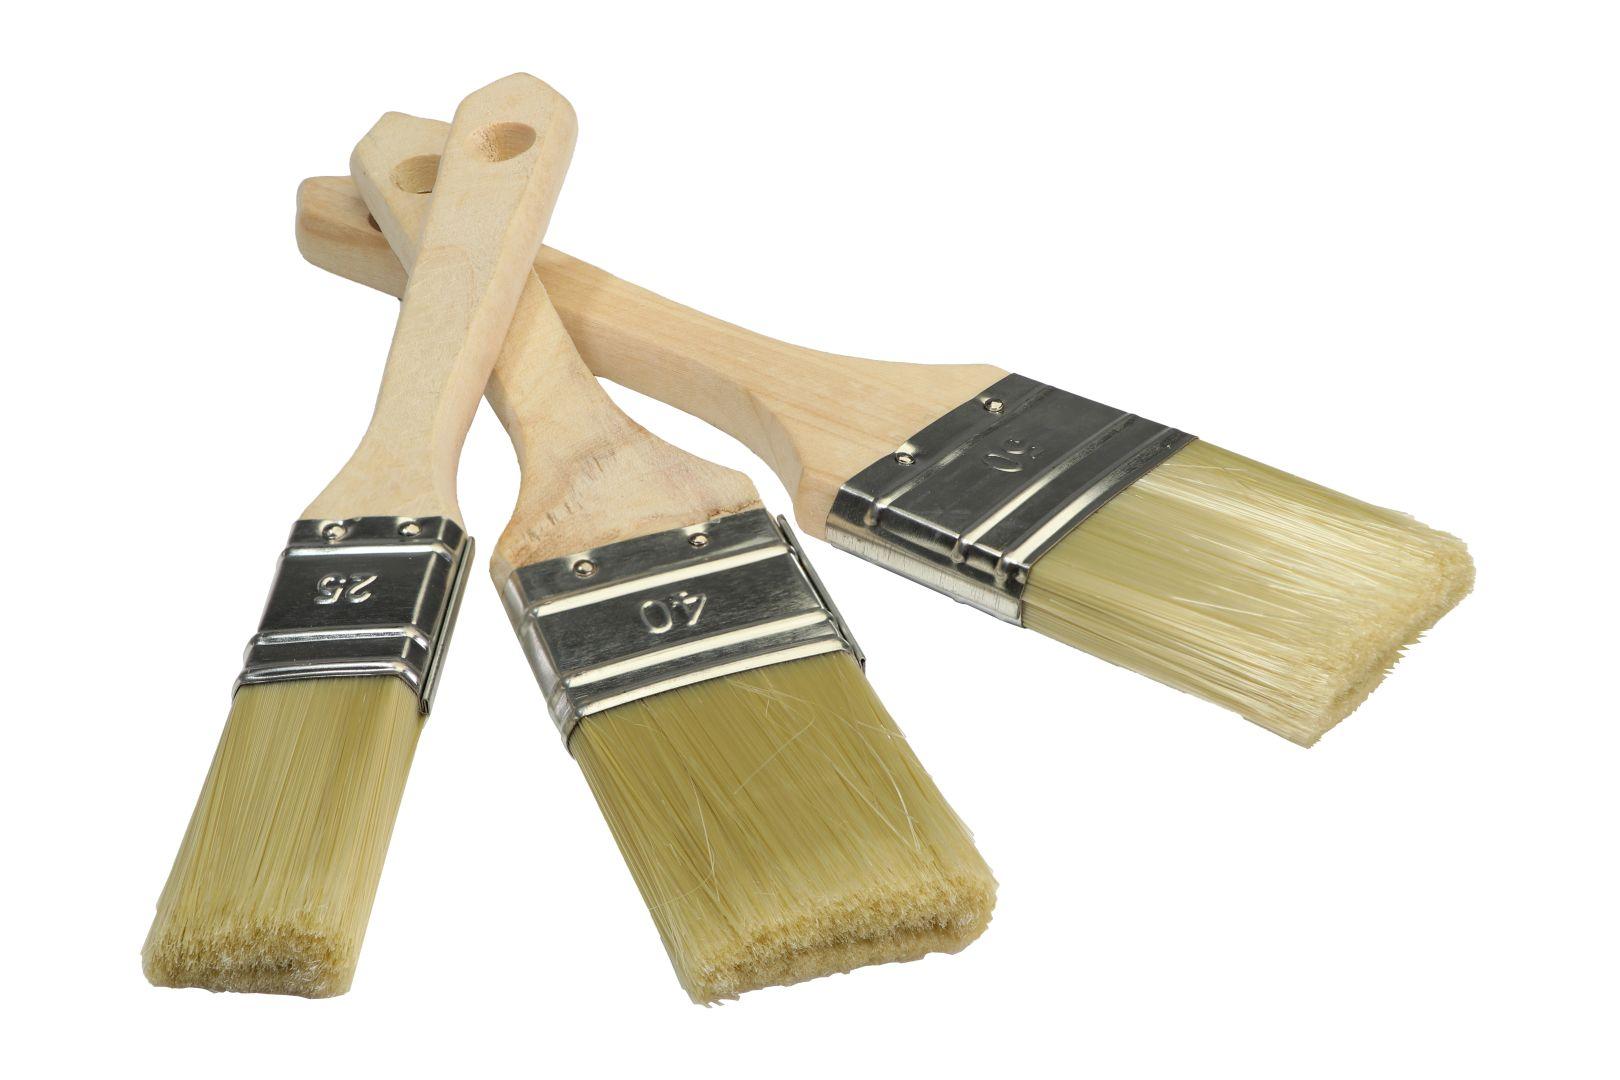 GO/ON Lackierpinsel-Set, für Lasur und Lackierung von Holz, 1 x 25 mm, 1 x 38 mm, 1 x 50 mm, 3-teilig